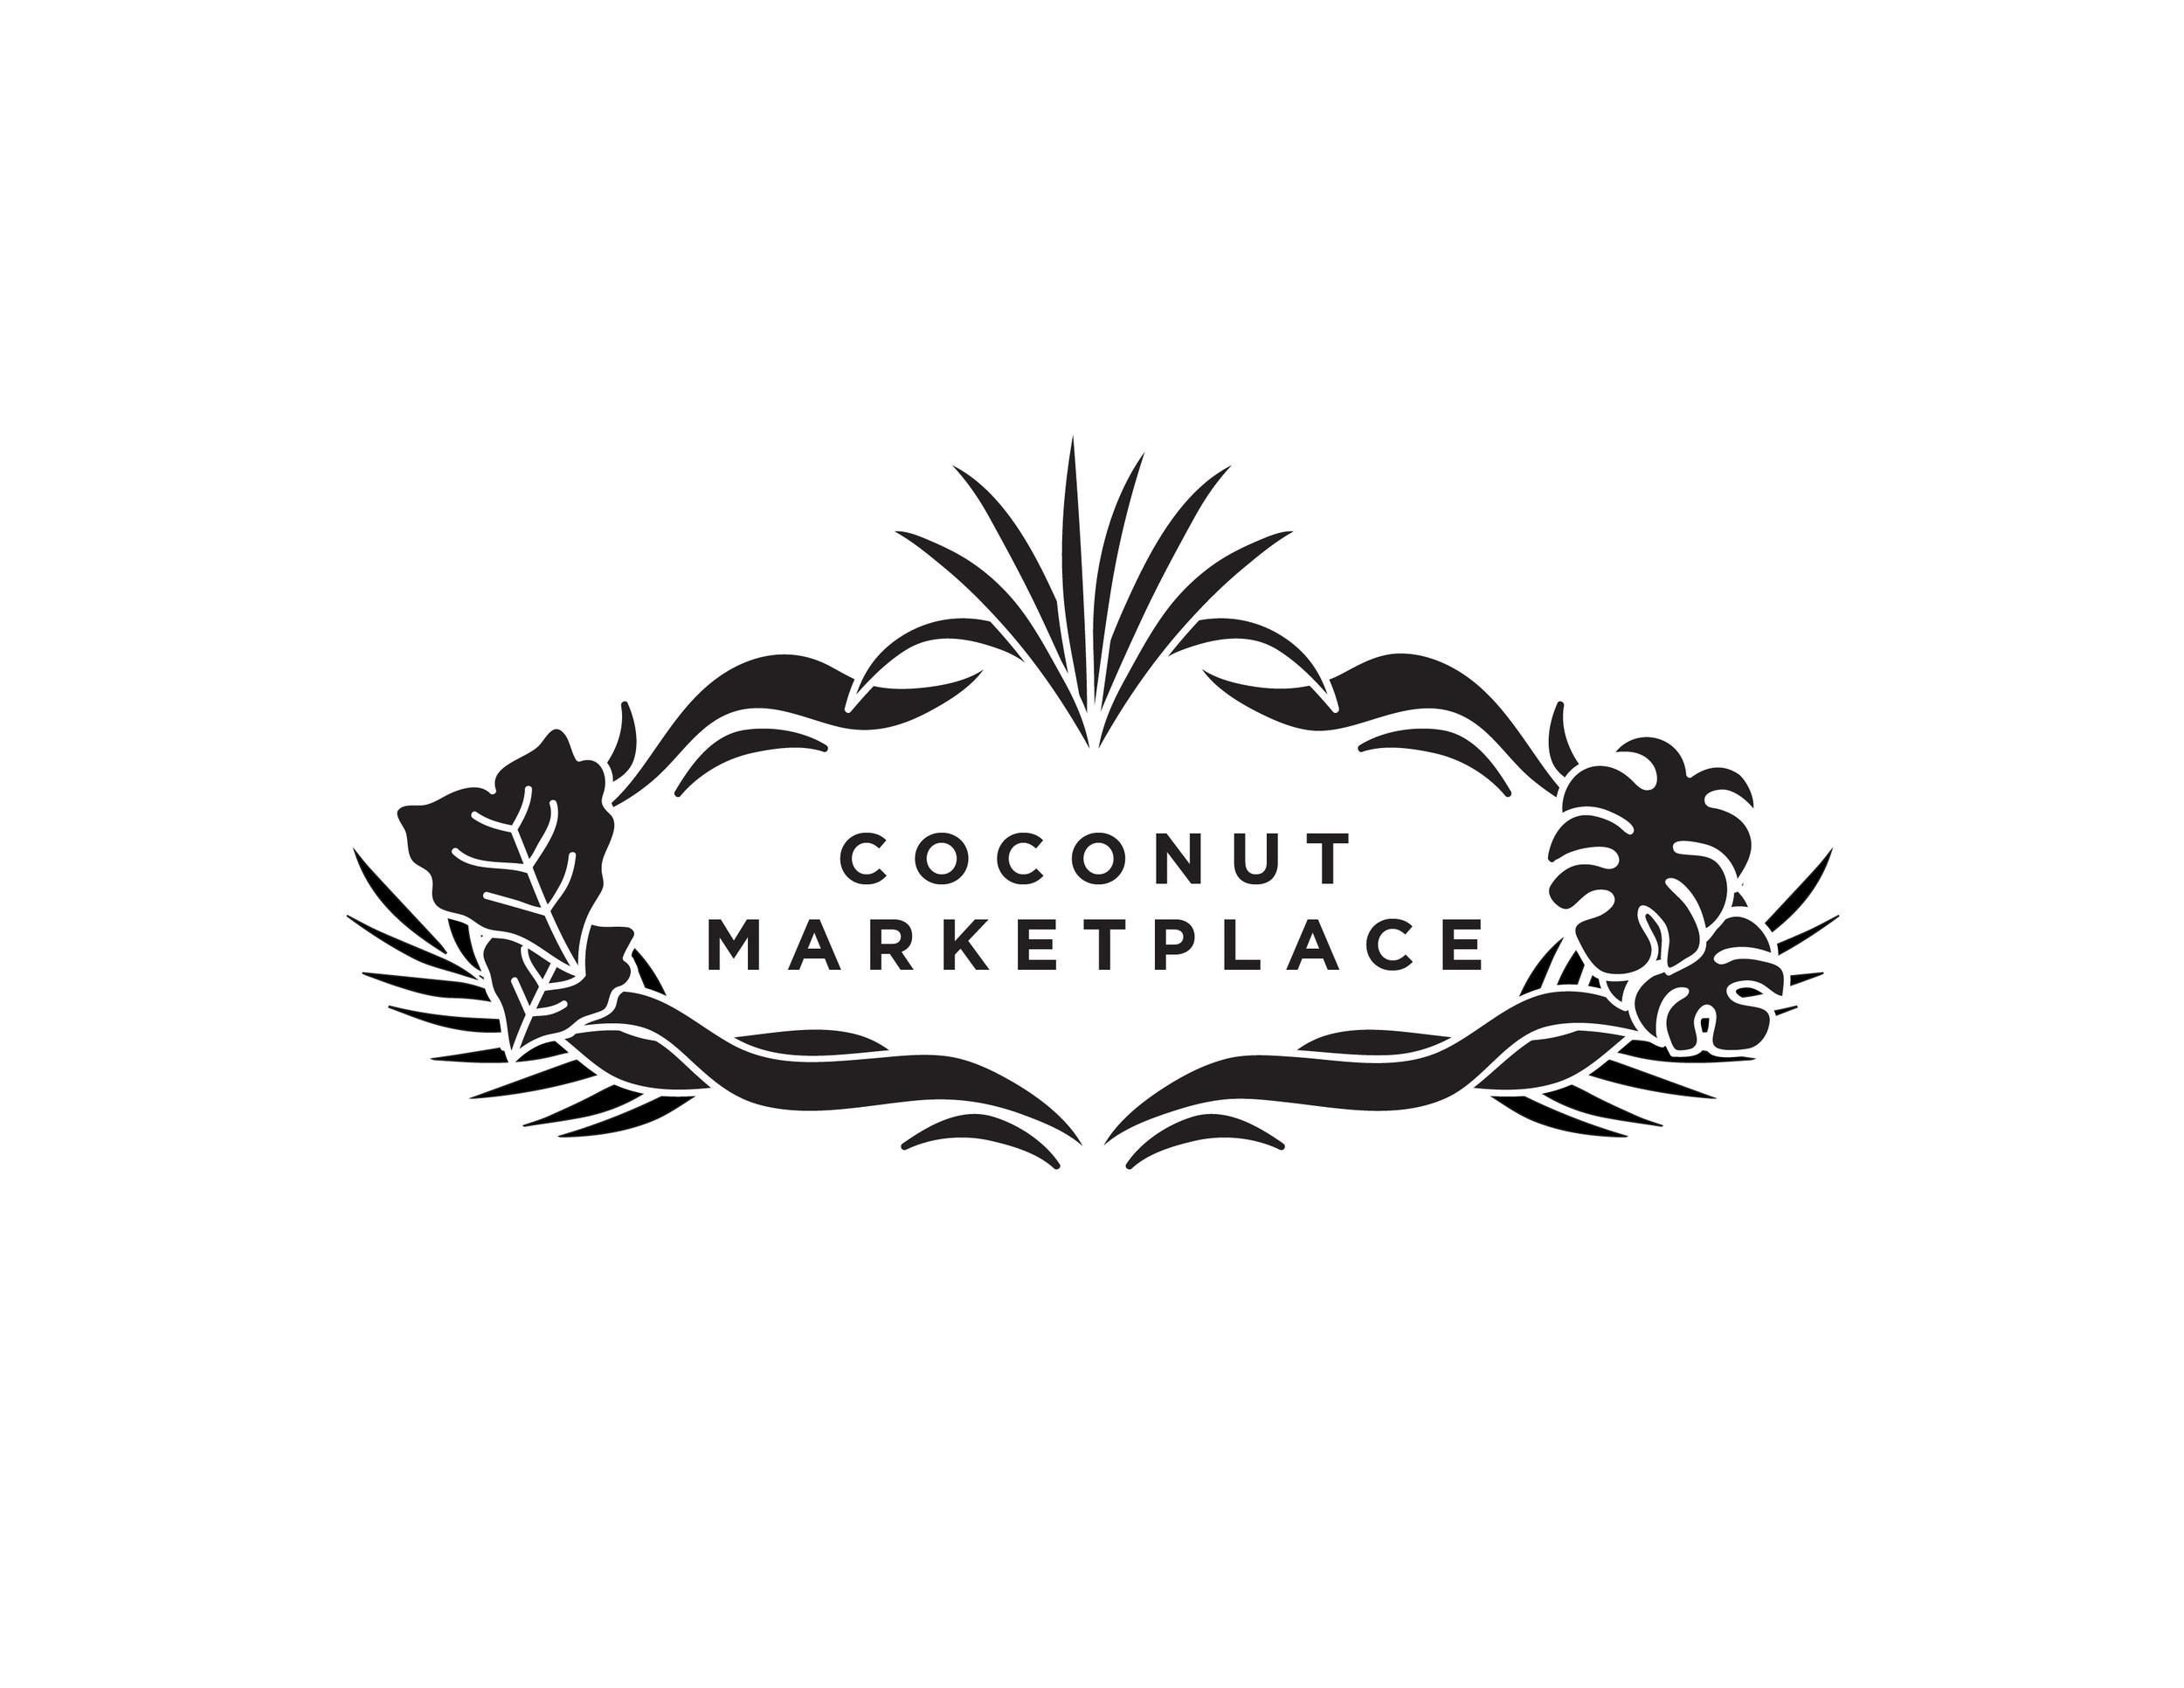 15_0928_CoconutMarketplace_Logo2_v3_1.jpg